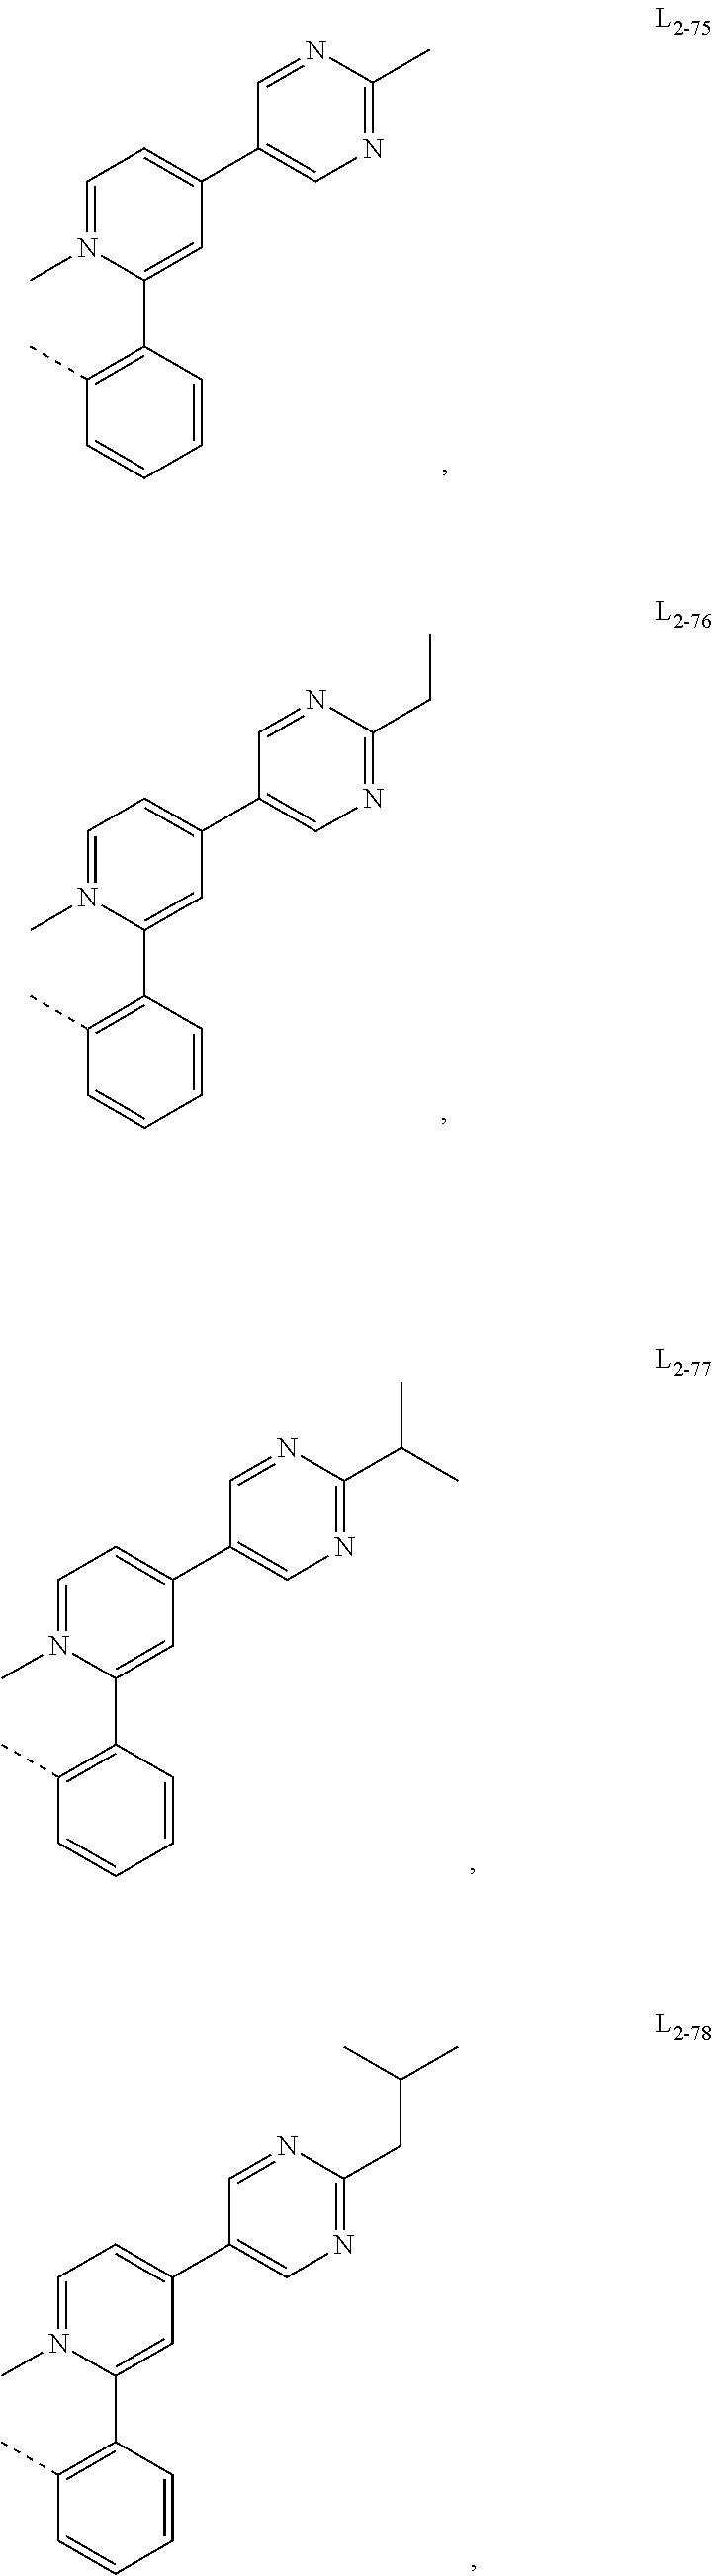 Figure US10074806-20180911-C00068